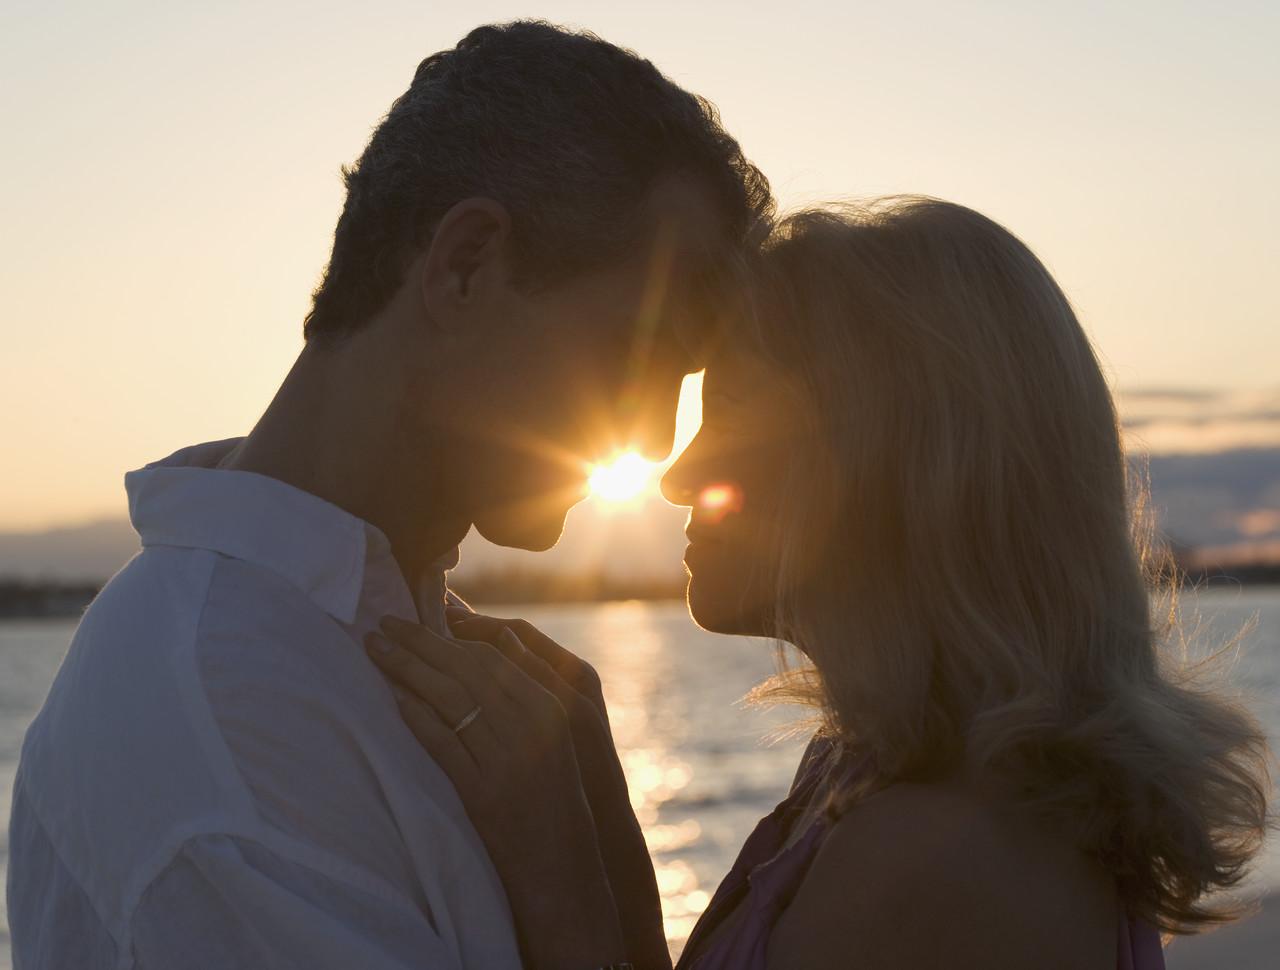 Huebsche Frauen oder eine huebsche Frau sind für jeden Mann ...